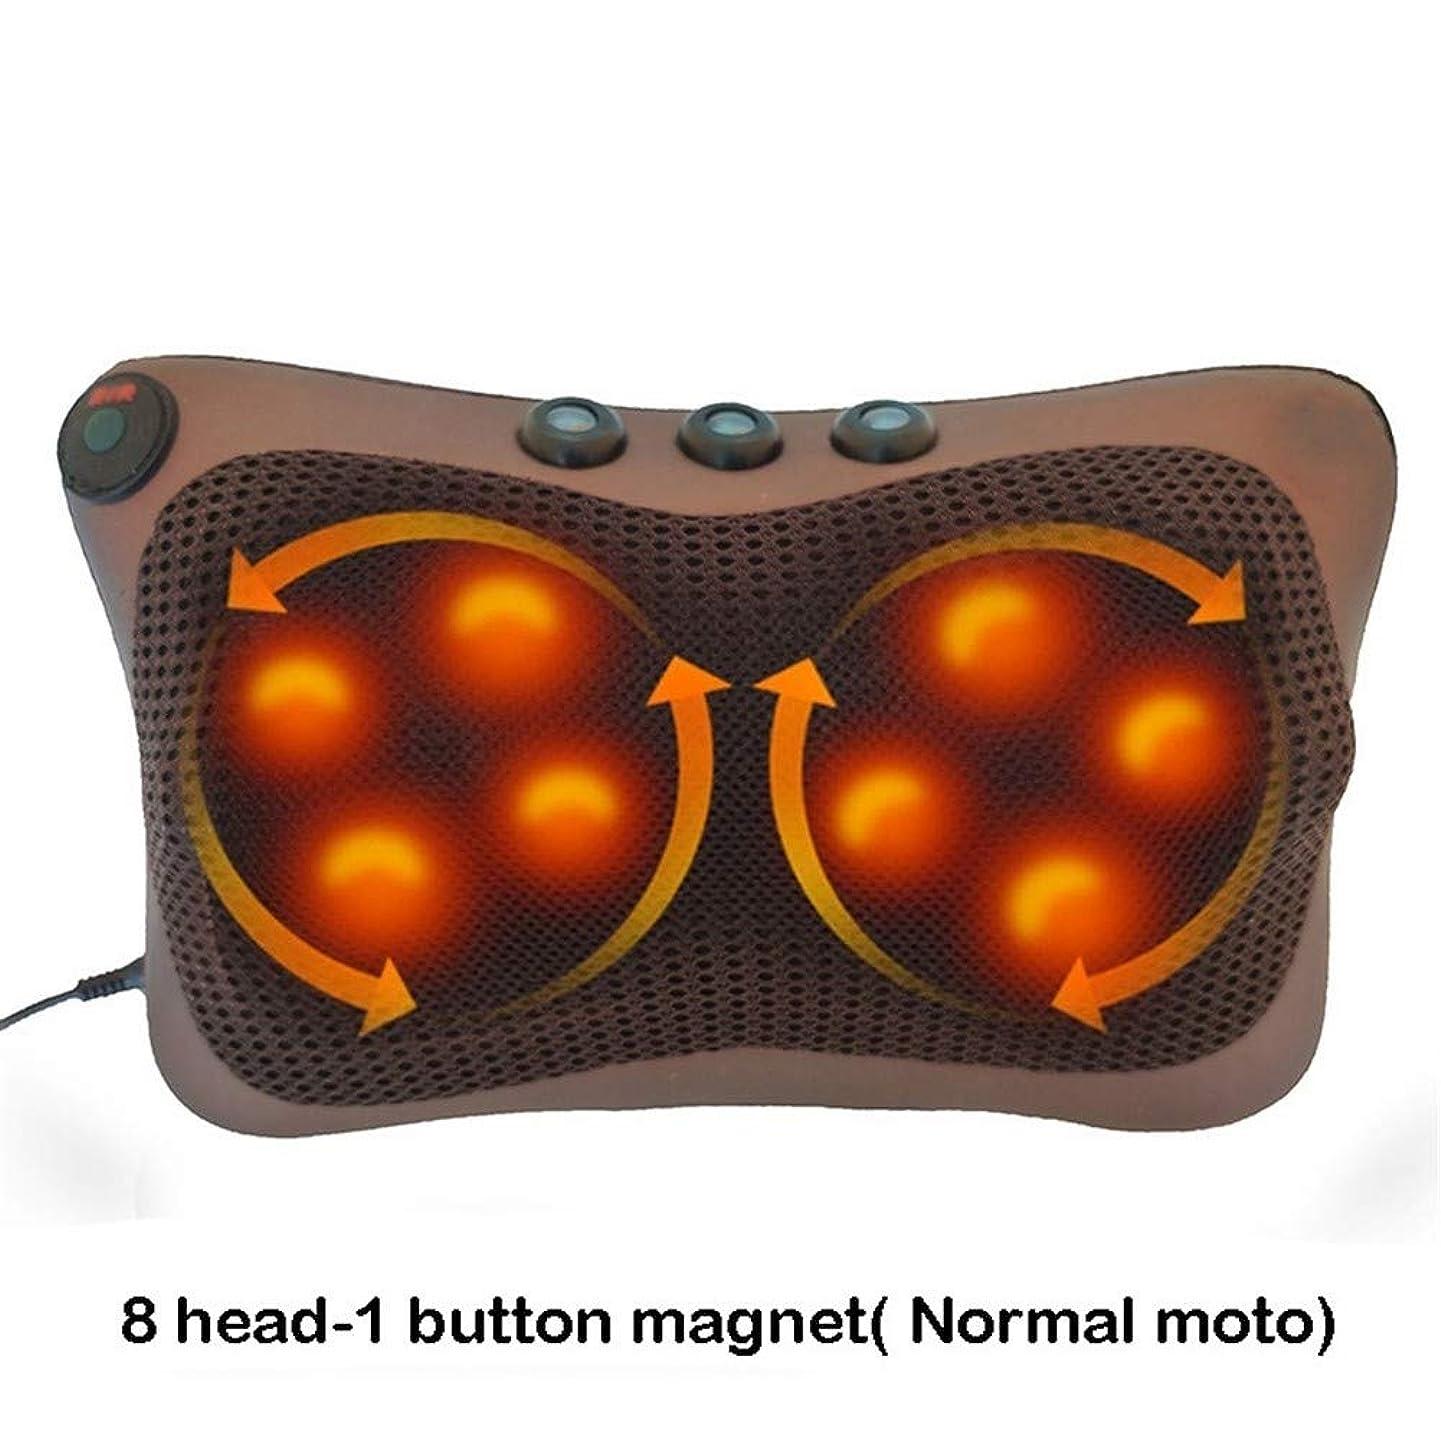 かび臭いくるみマットネックマッサージャー、首、背中、アットホームホット混練赤外線療法指圧首のマッサージのためのショルダーバック暖房指圧首マッサージャーのためのマッサージ枕 (Color : 8 1 Normal moto, Plug Type : AU-110V)